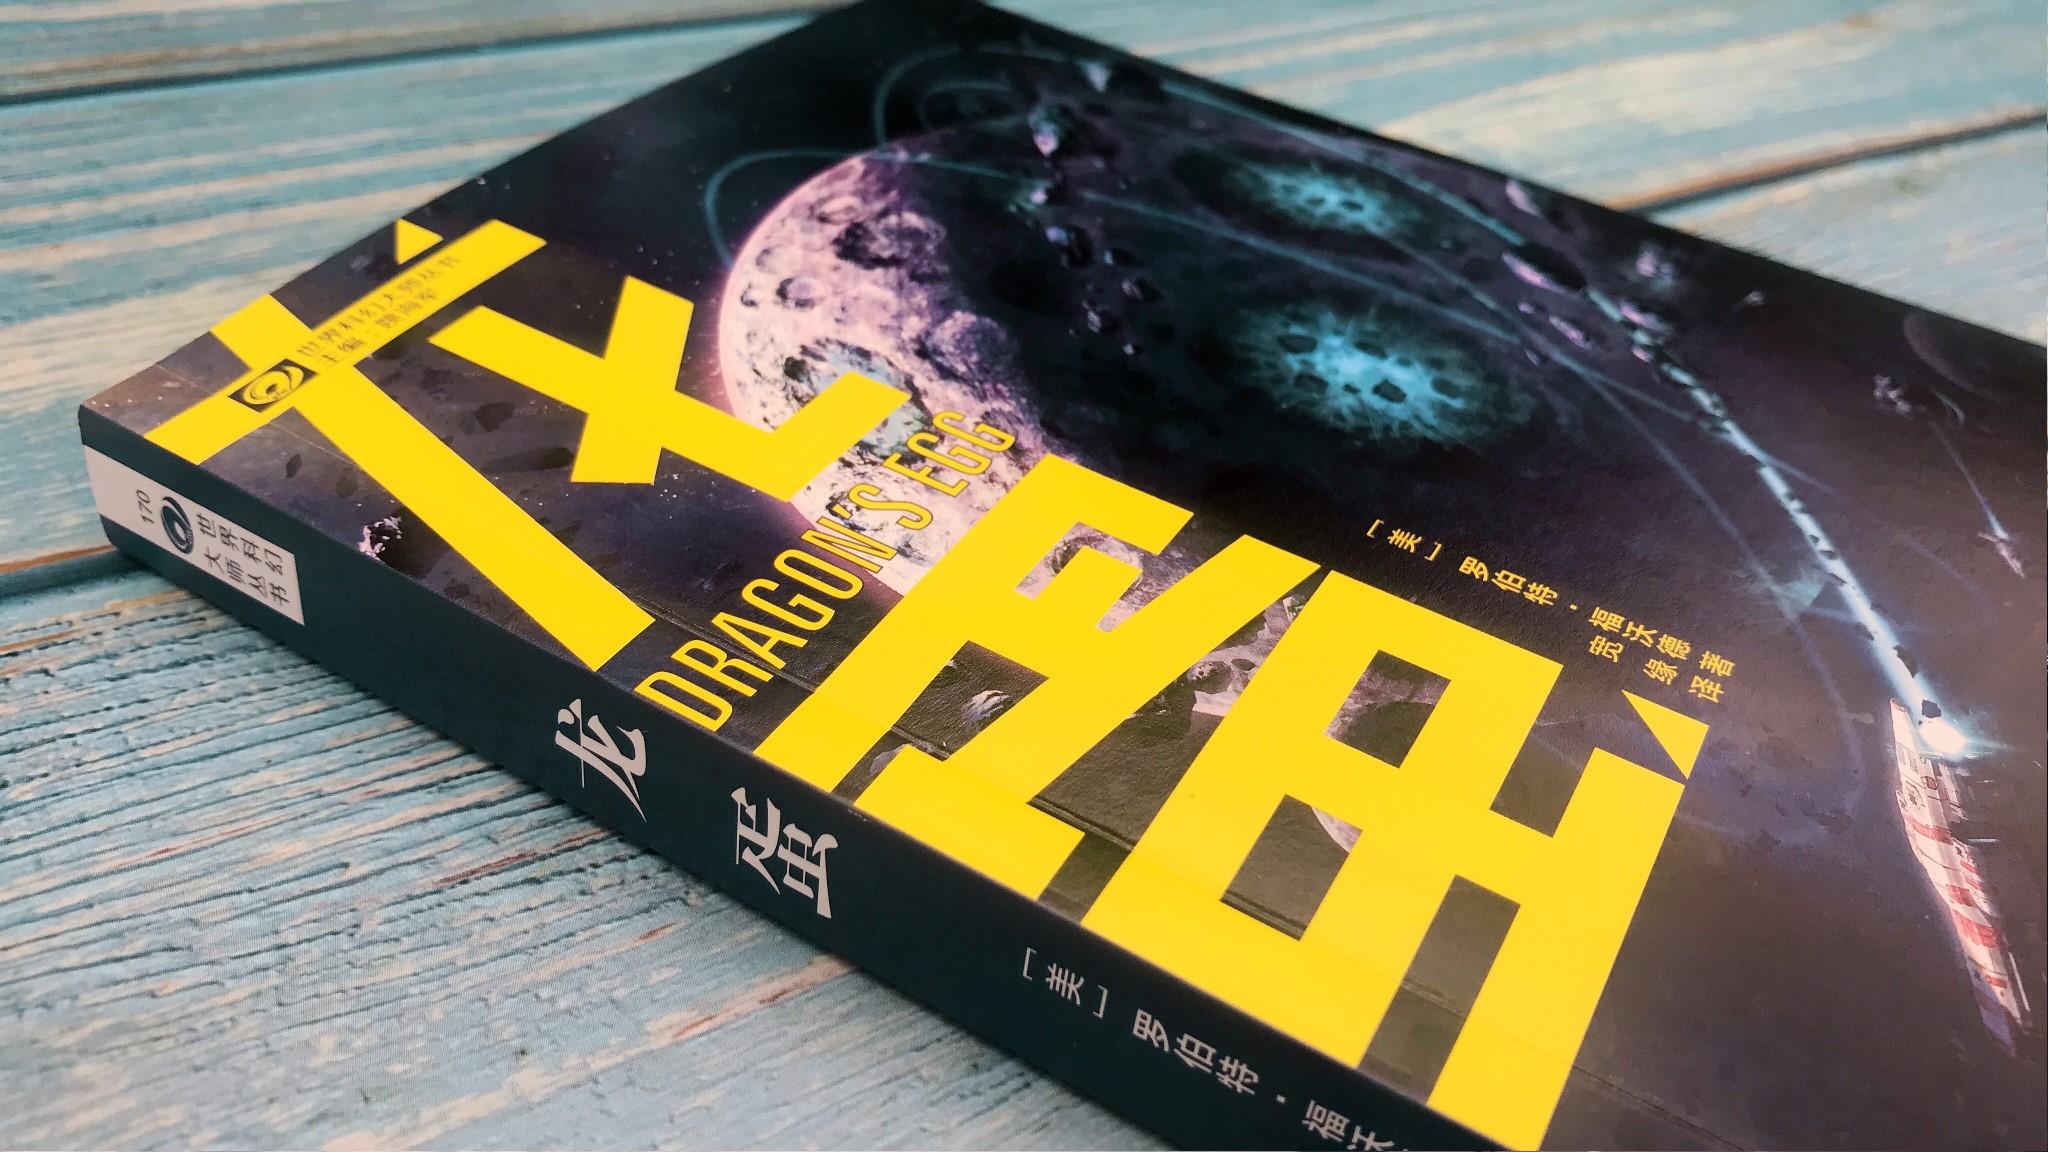 教科書級別硬科幻:福沃德處女作《龍蛋》現已上架核市